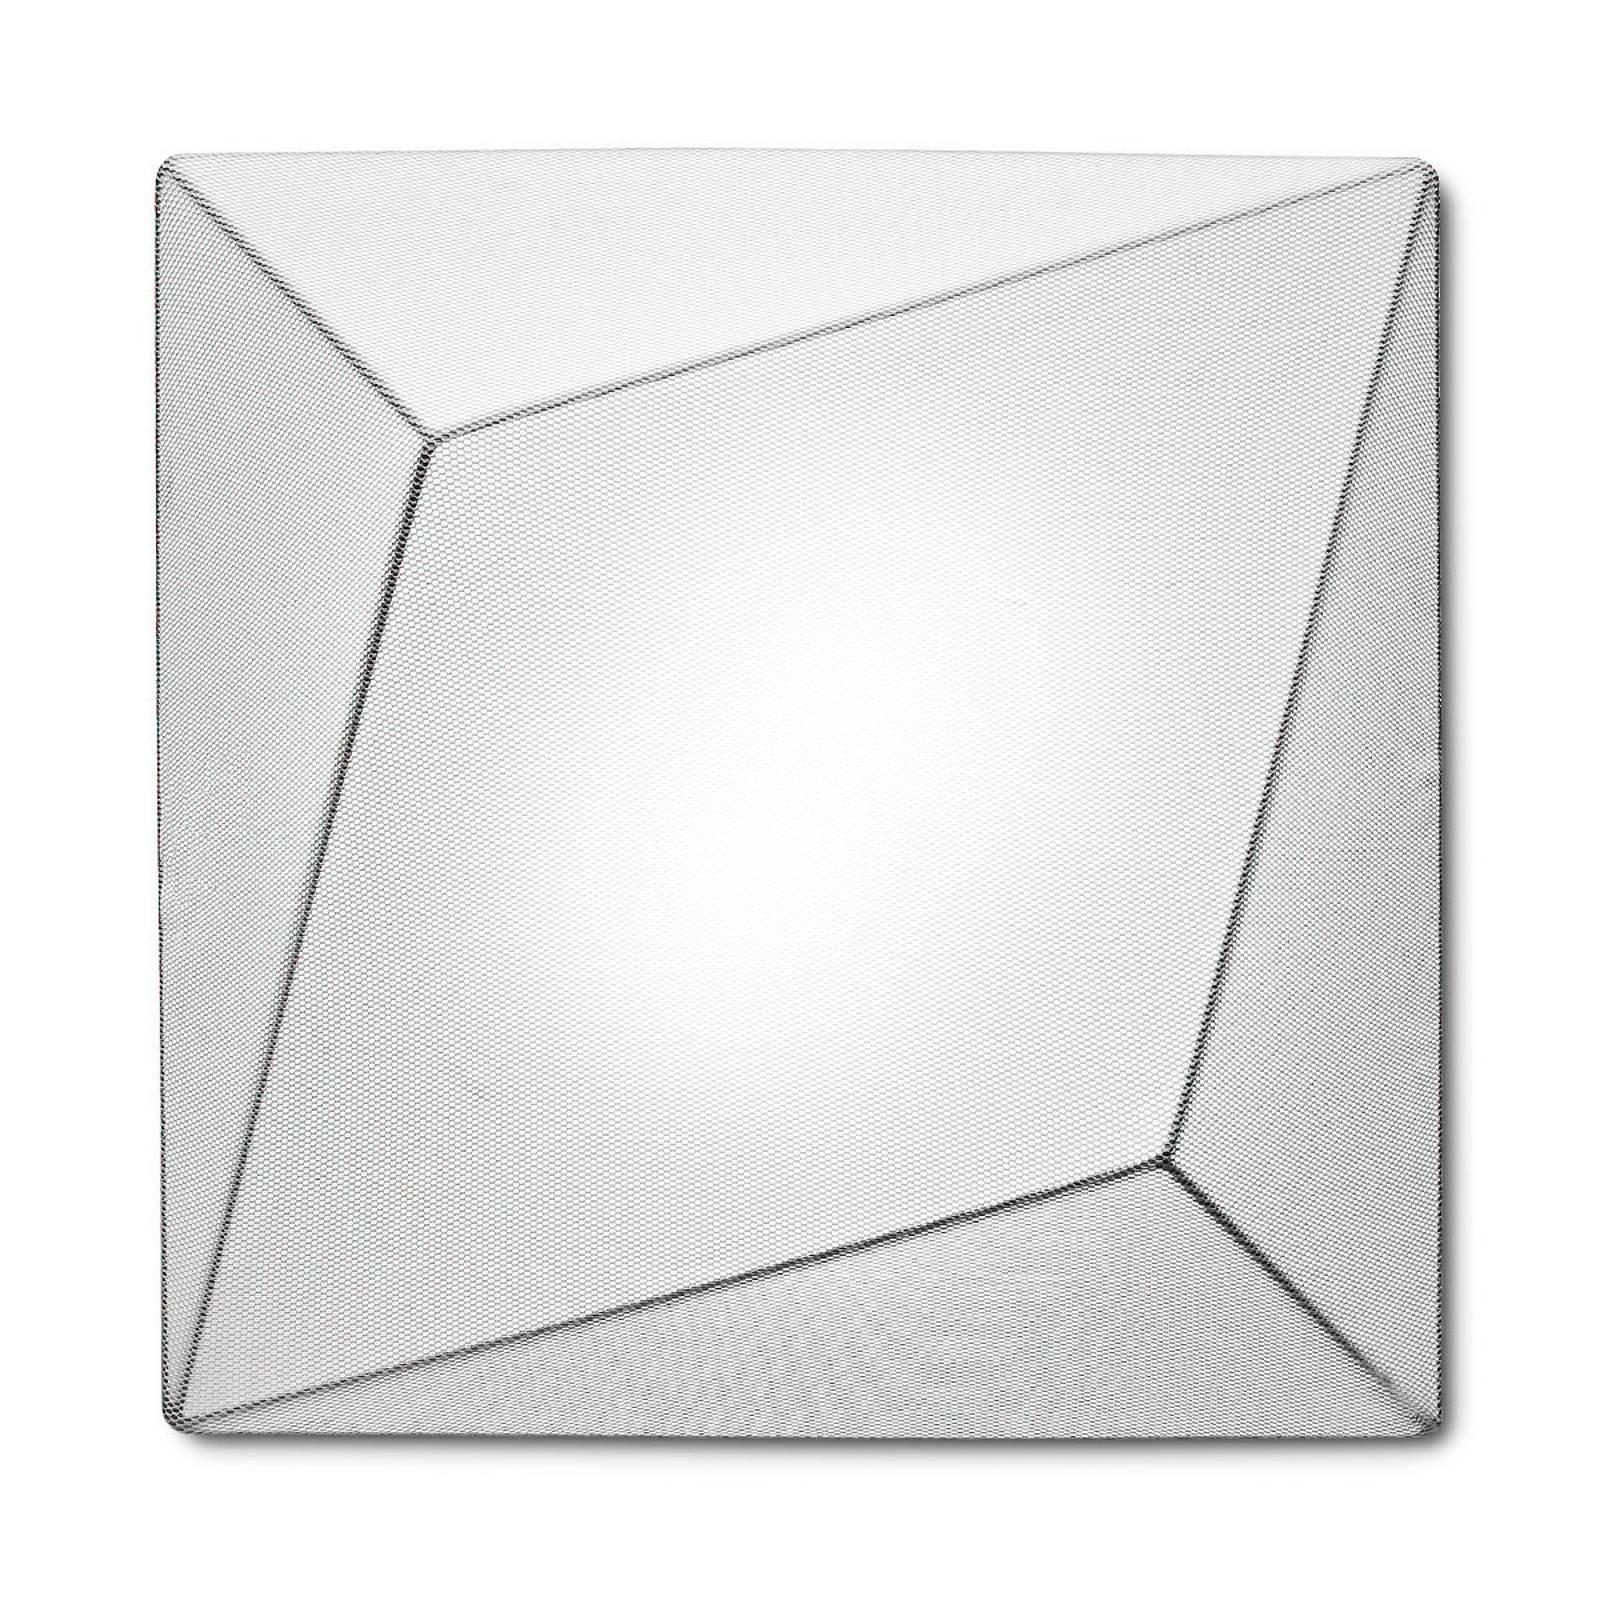 Axolight Ukiyo kattovalaisin valkoinen 55 cm